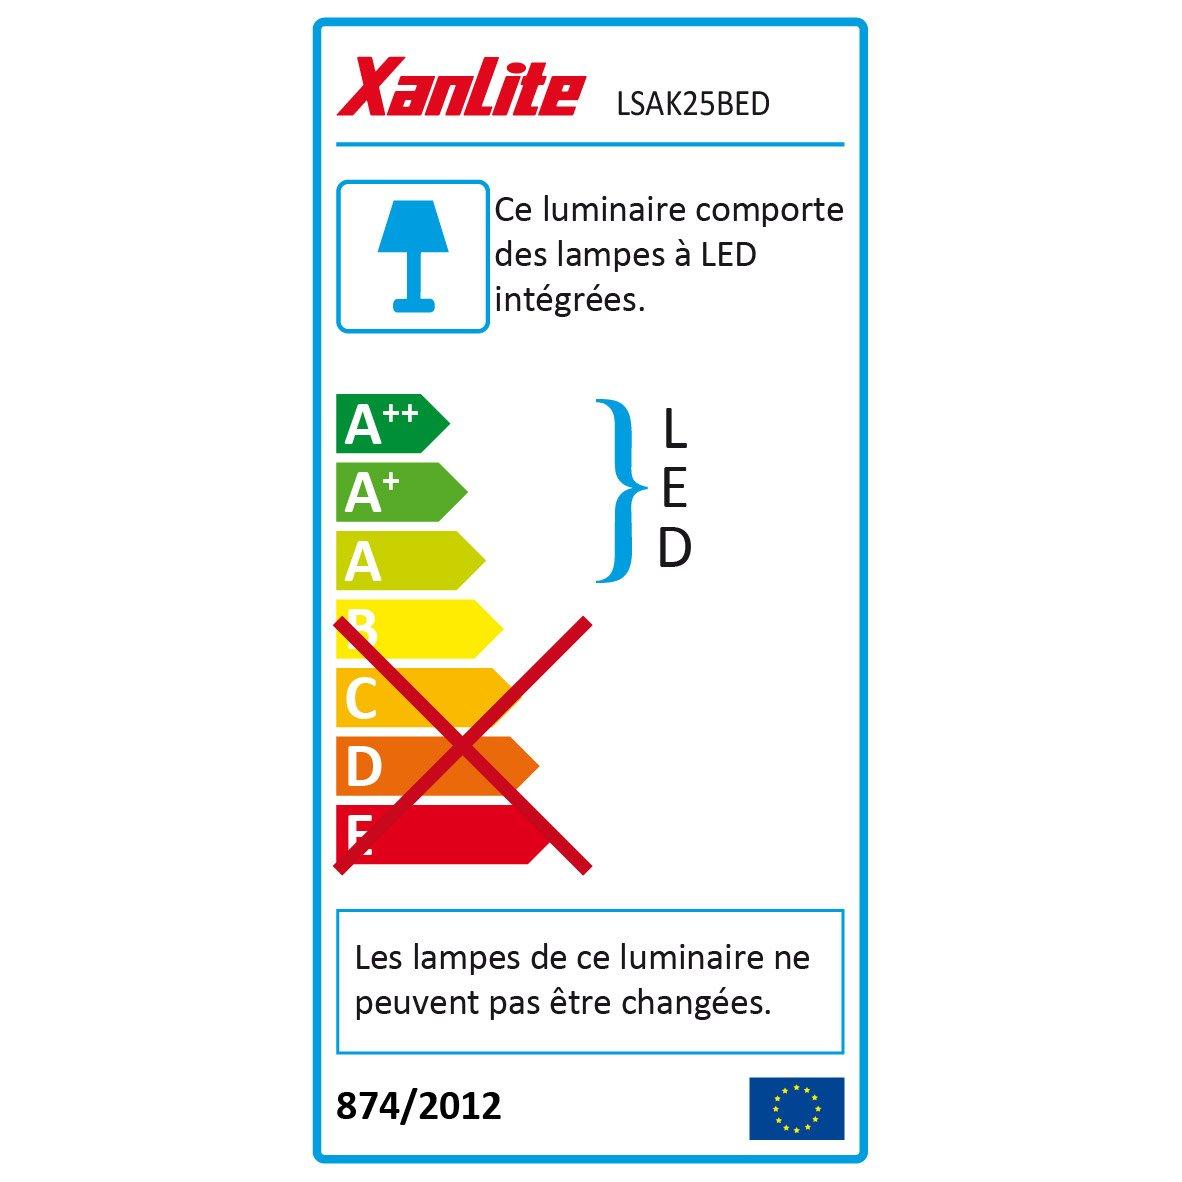 2 De Chaud Kit X Bedlight 1 1600k Xanlite Led Lit Blanc 25m Ruban Dessous ywOmnvN80